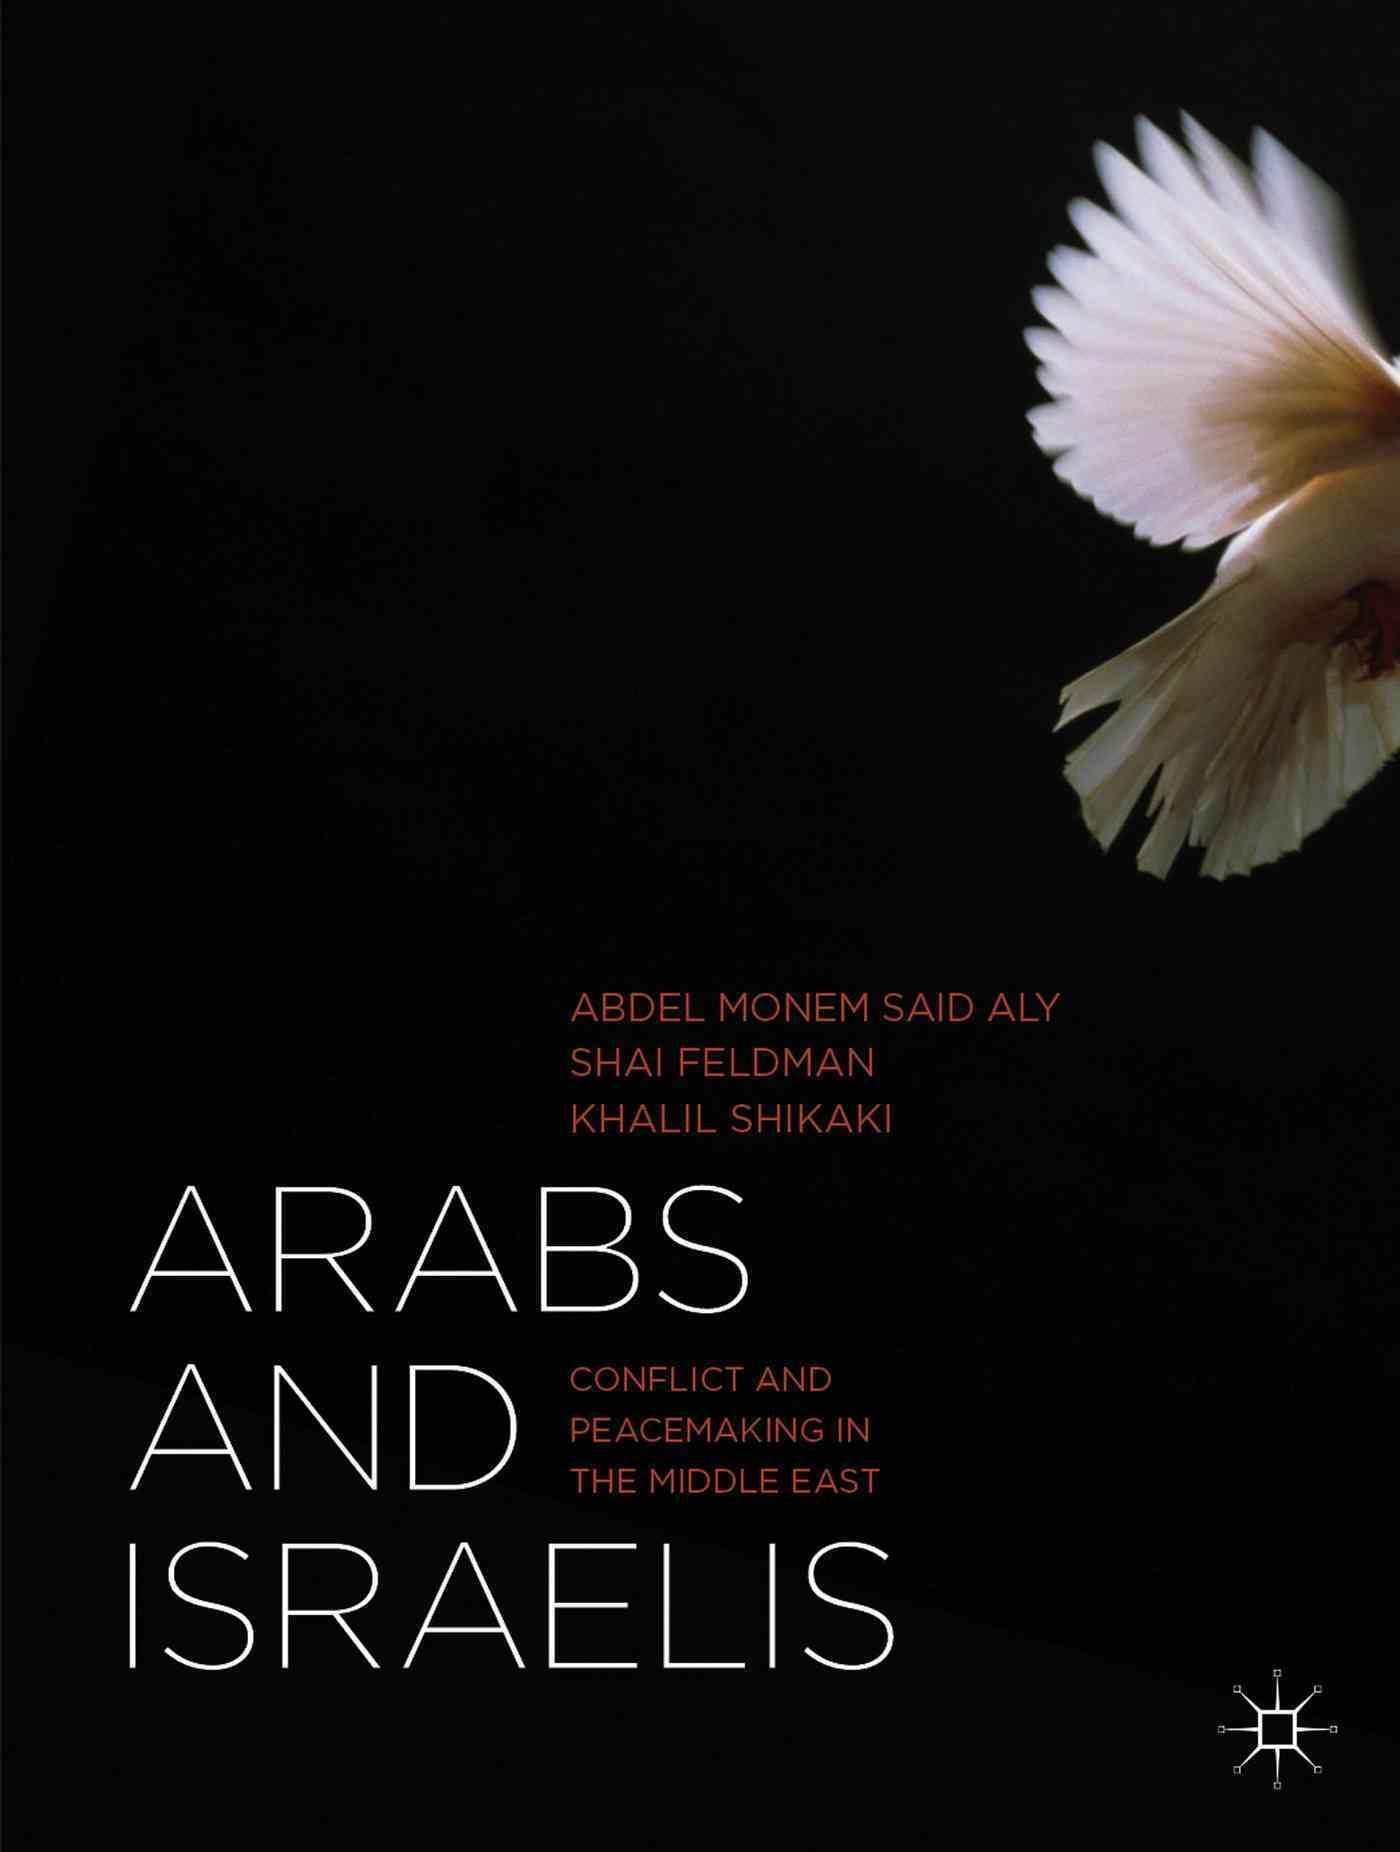 Arabs and Israelis By Feldman, Shai/ Said Aly, Abdel Monem/ Shikaki, Khalil